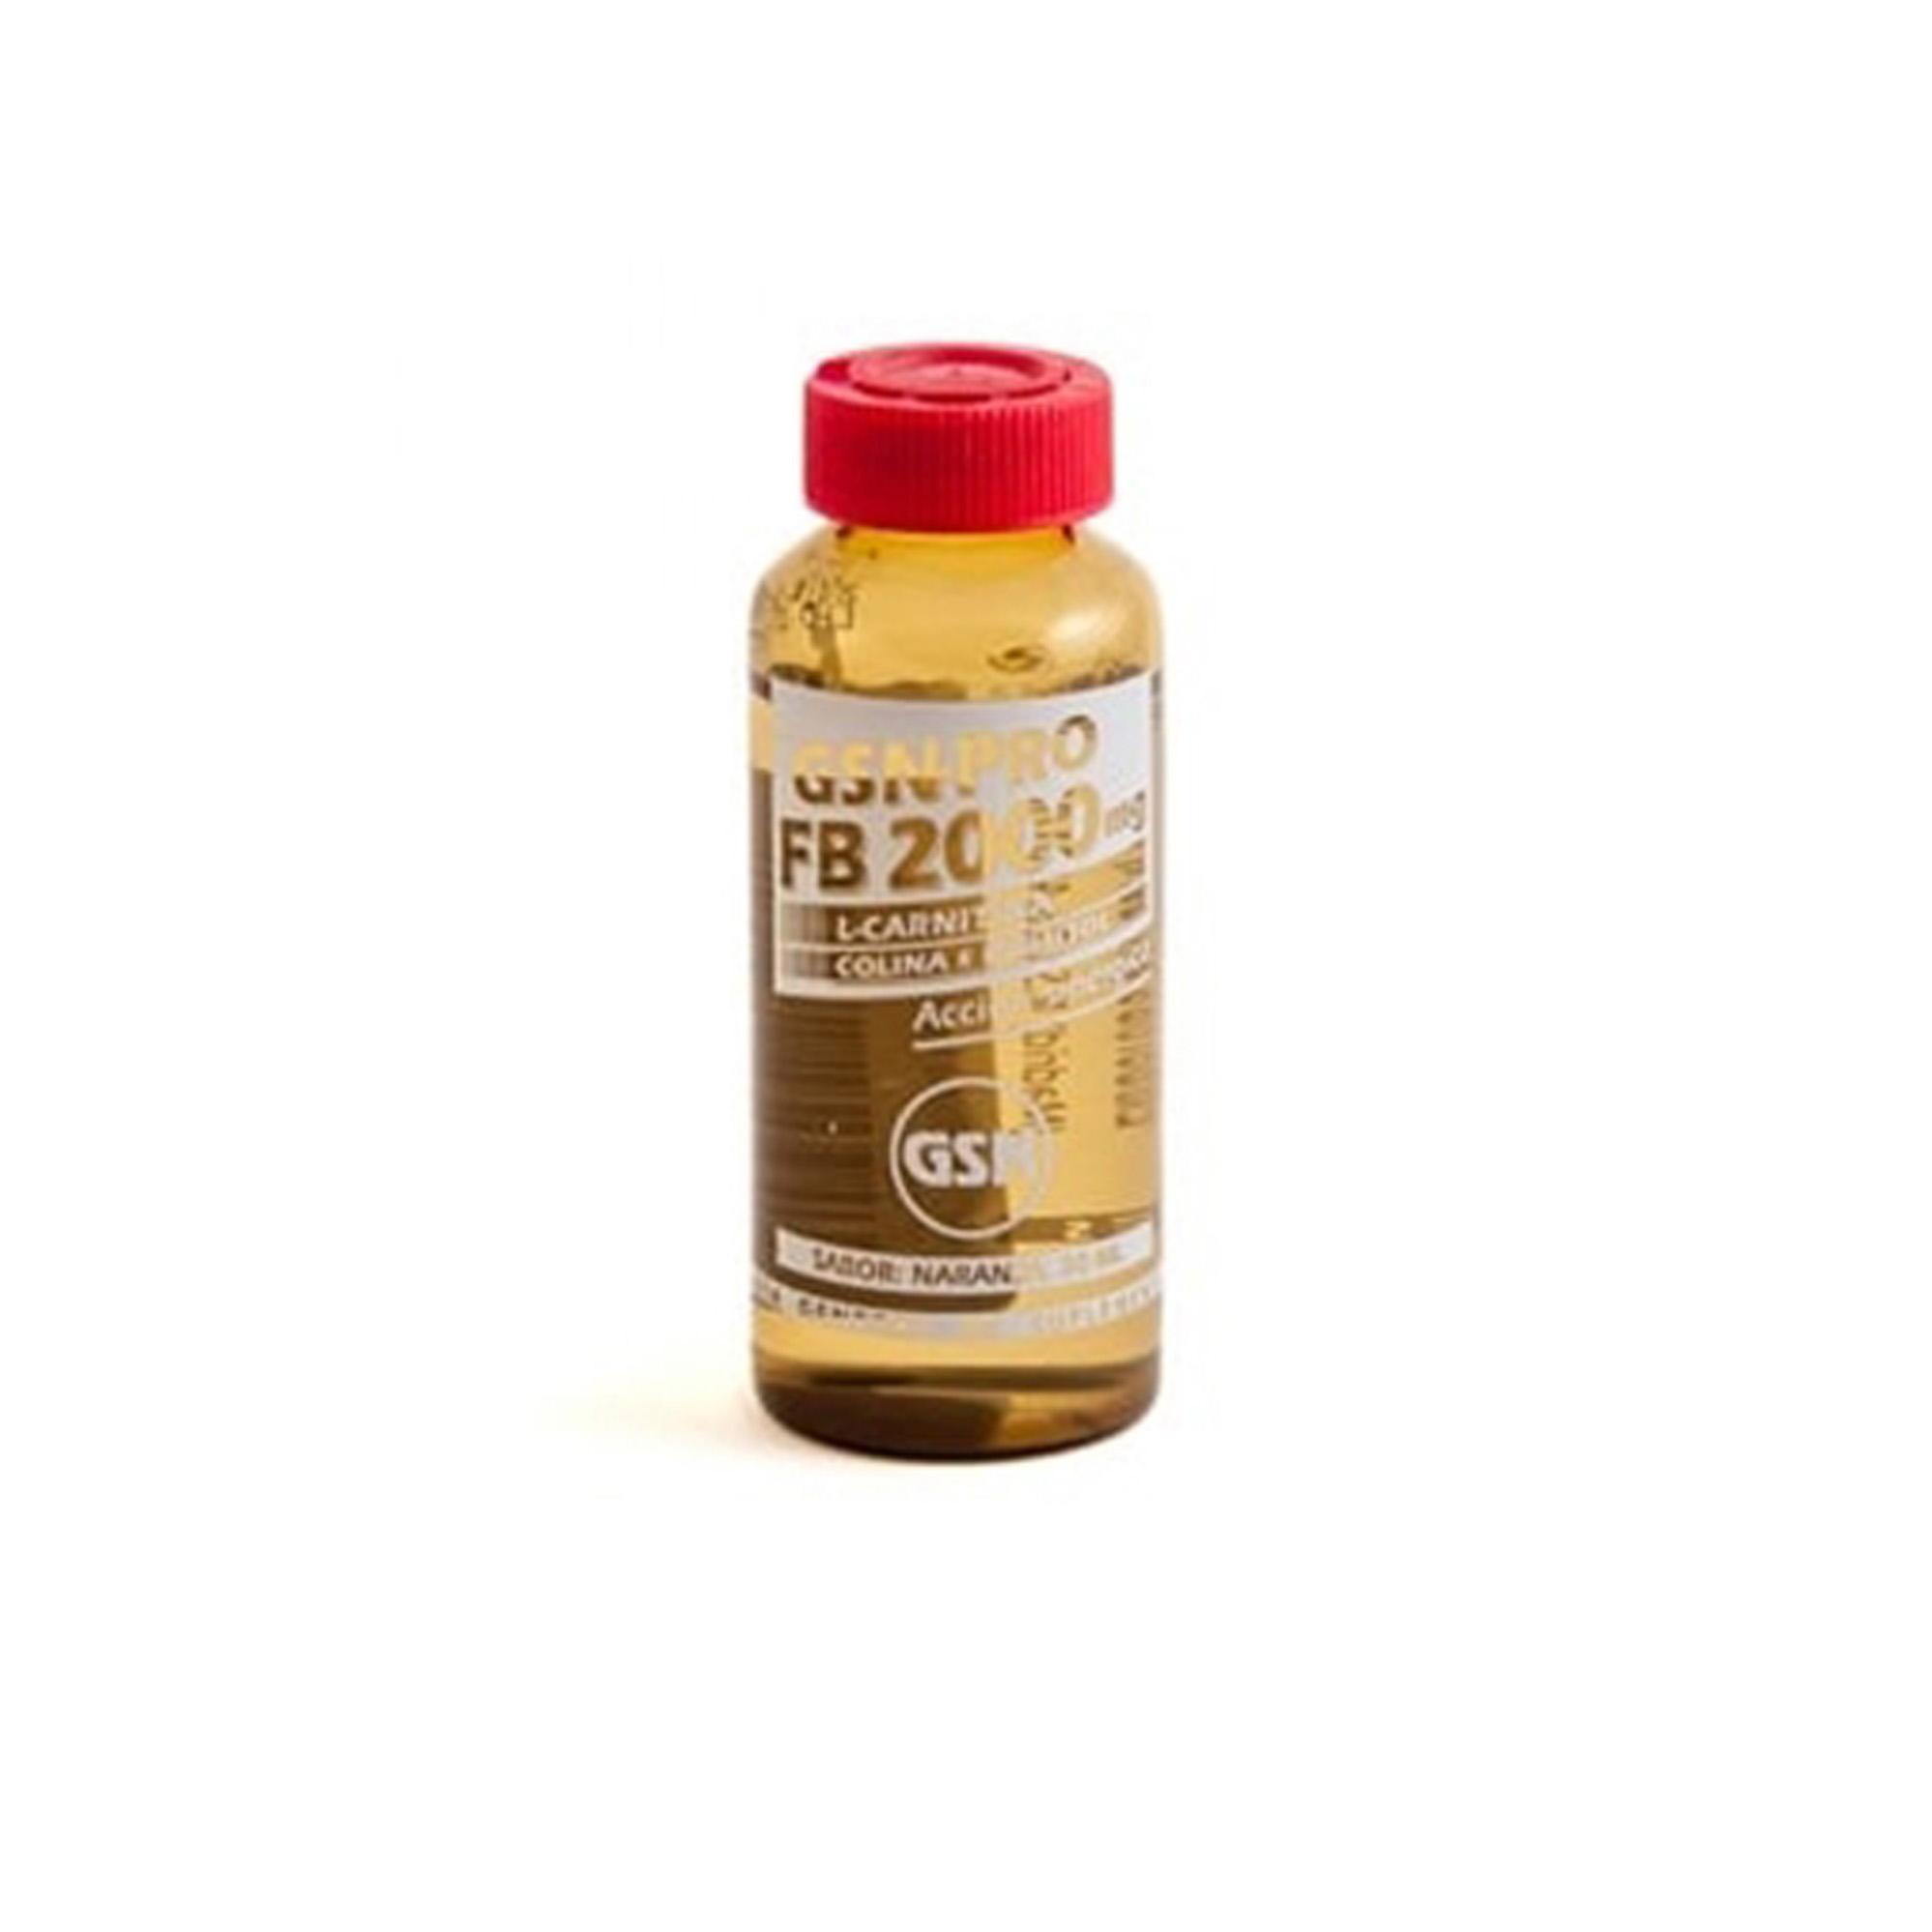 GSN-PRO FB 2000 (1 vial)